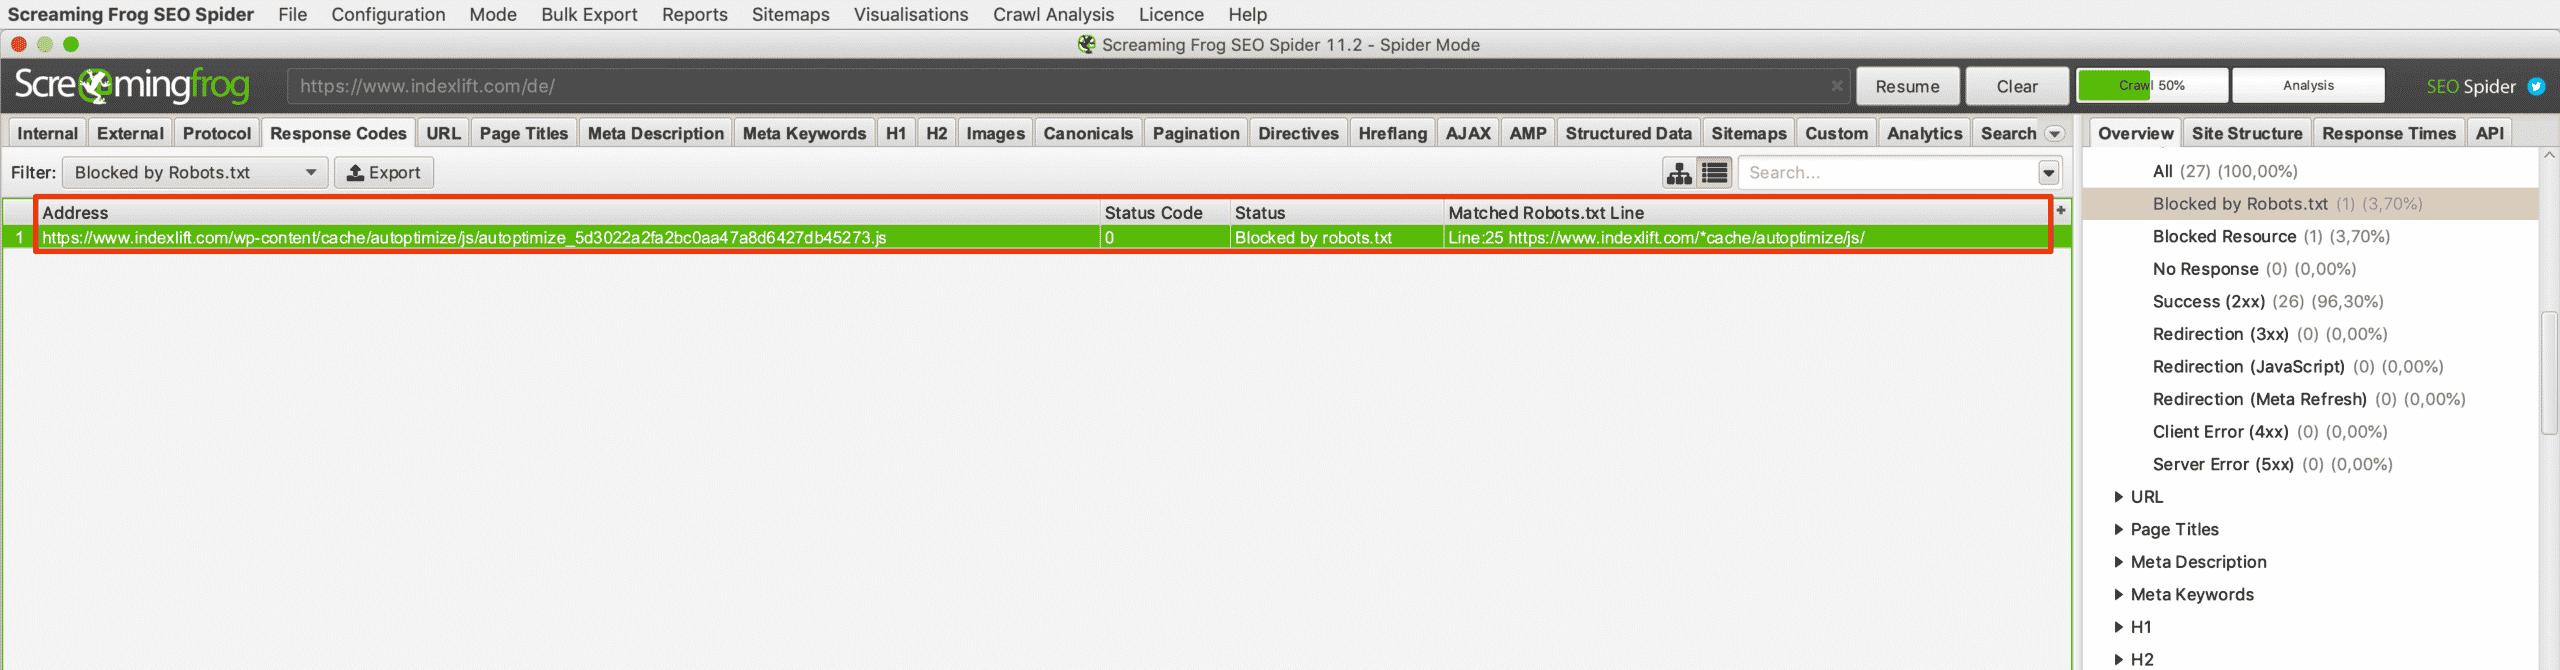 Blockierte URLs im Crawl-Mode vom Screaming Frog identifizieren und bewerten